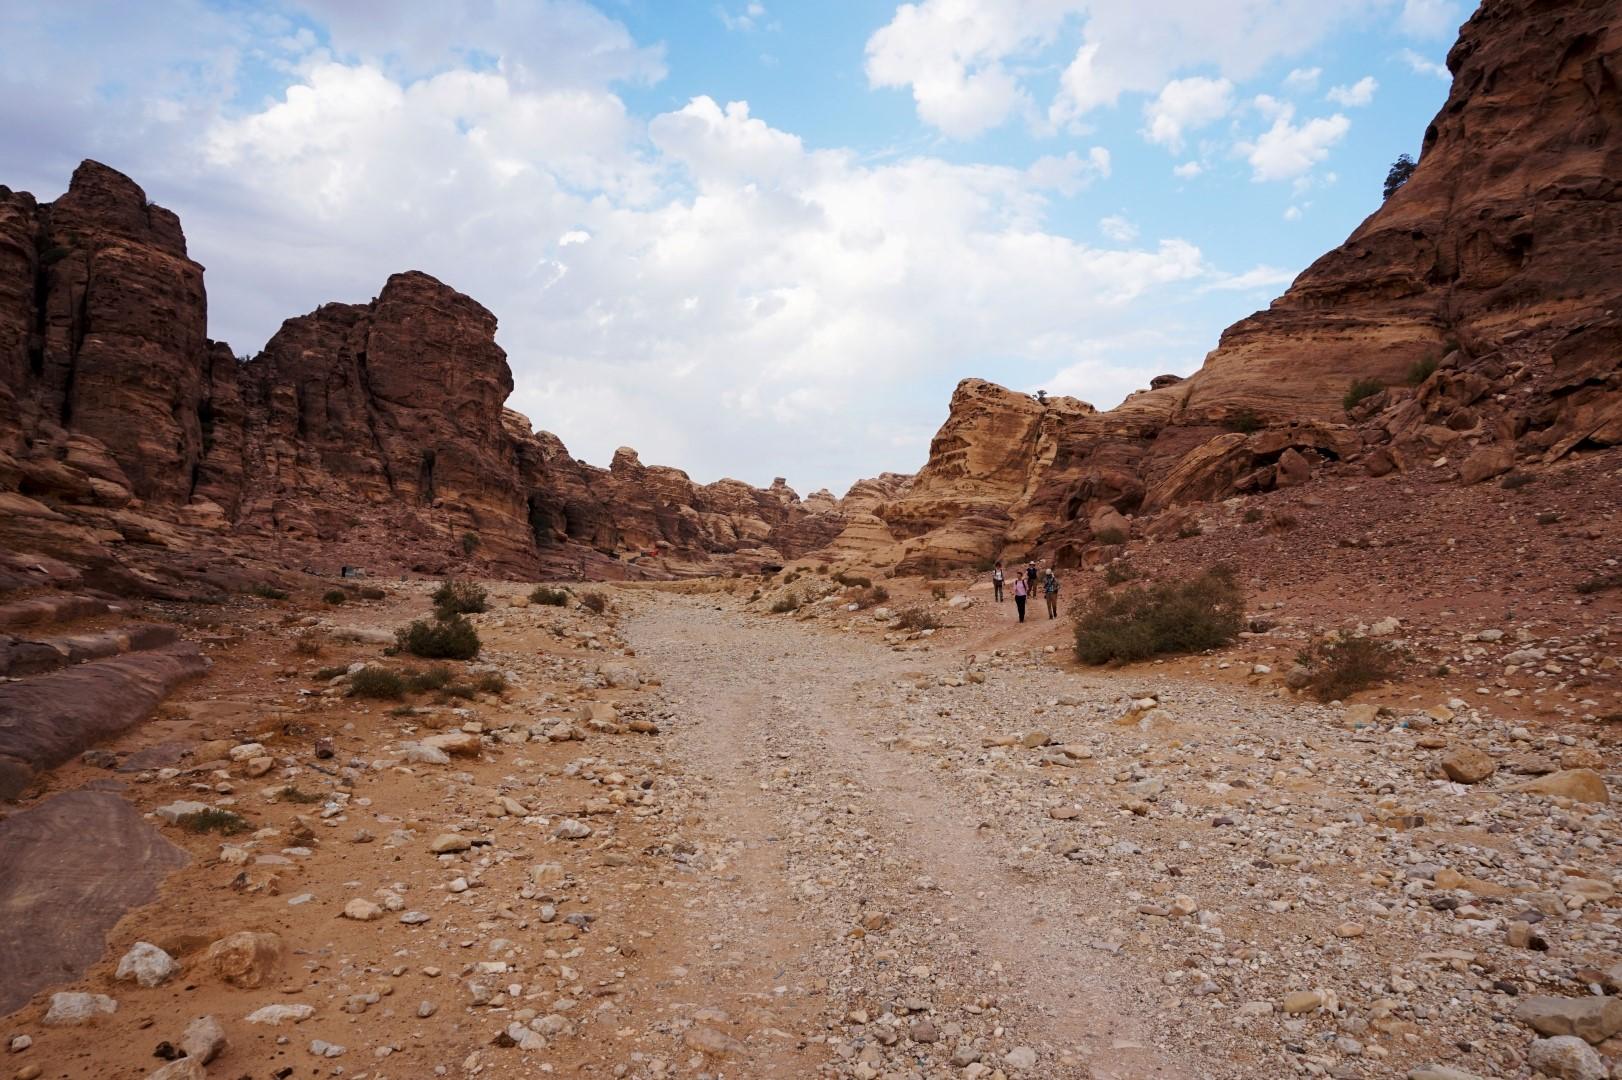 Voyage en Jordanie - Petra Wadi-Rum - Entre Little Petra et Petra